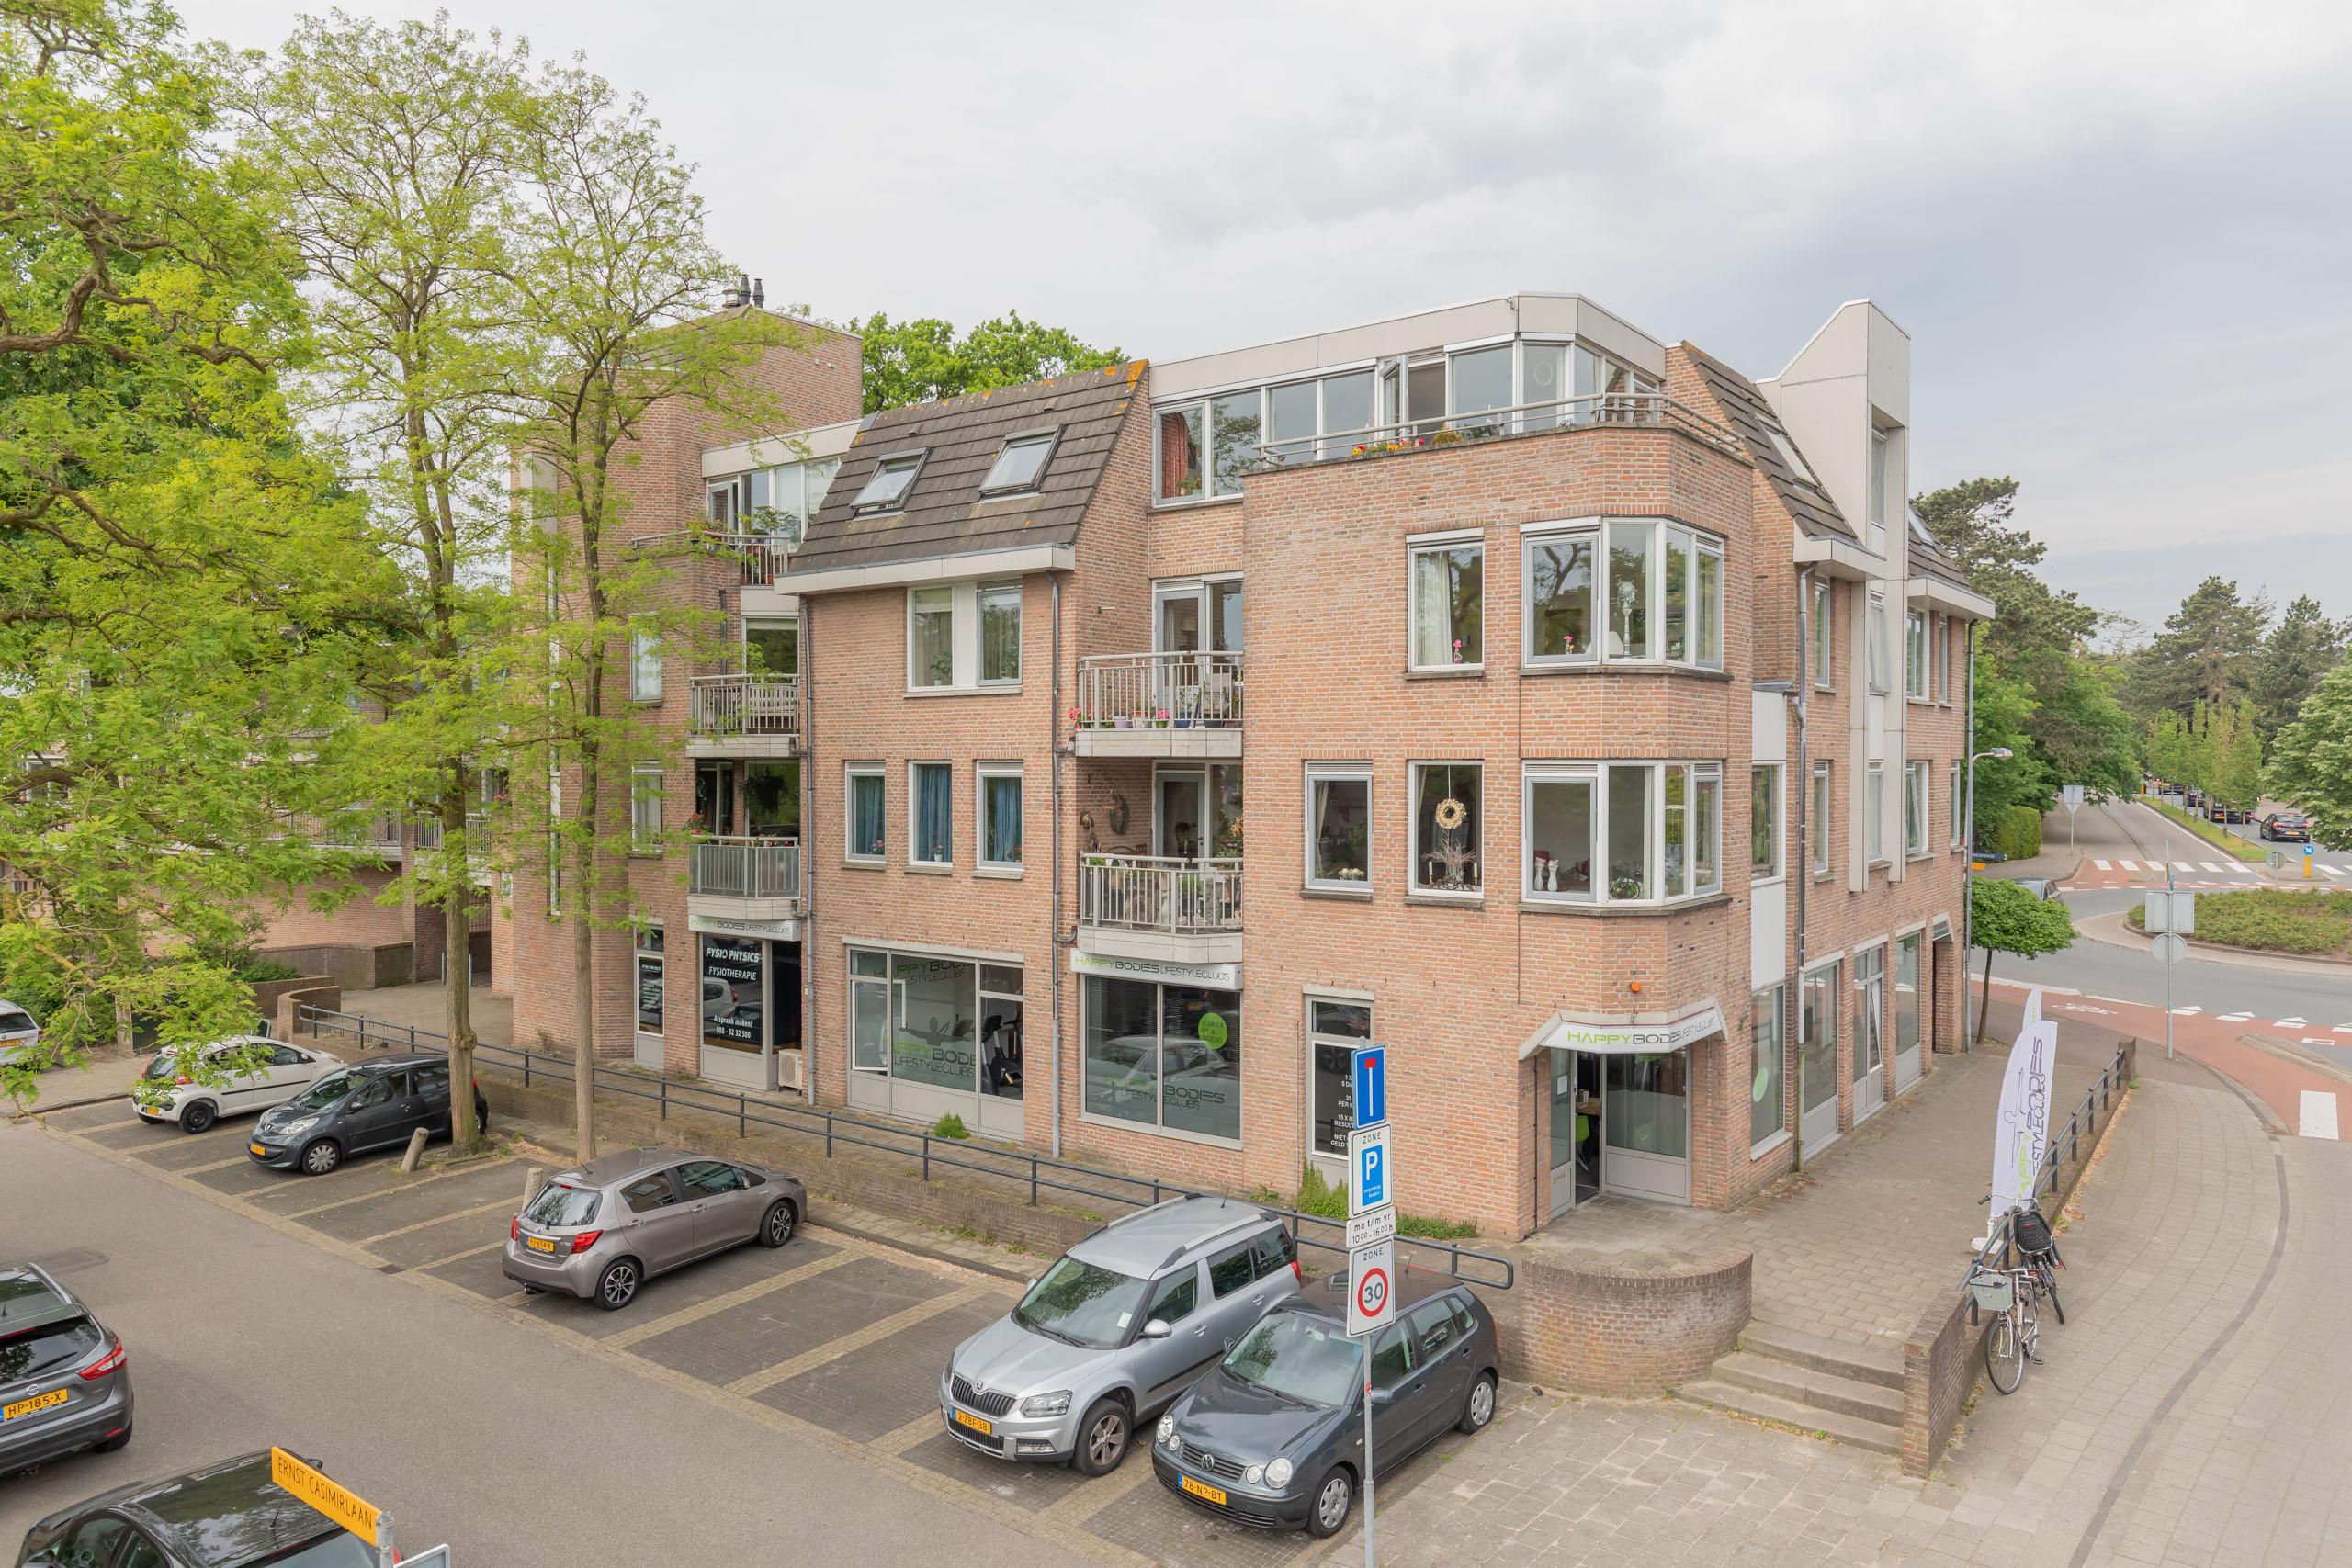 Ernst Casimirlaan, Haarlem